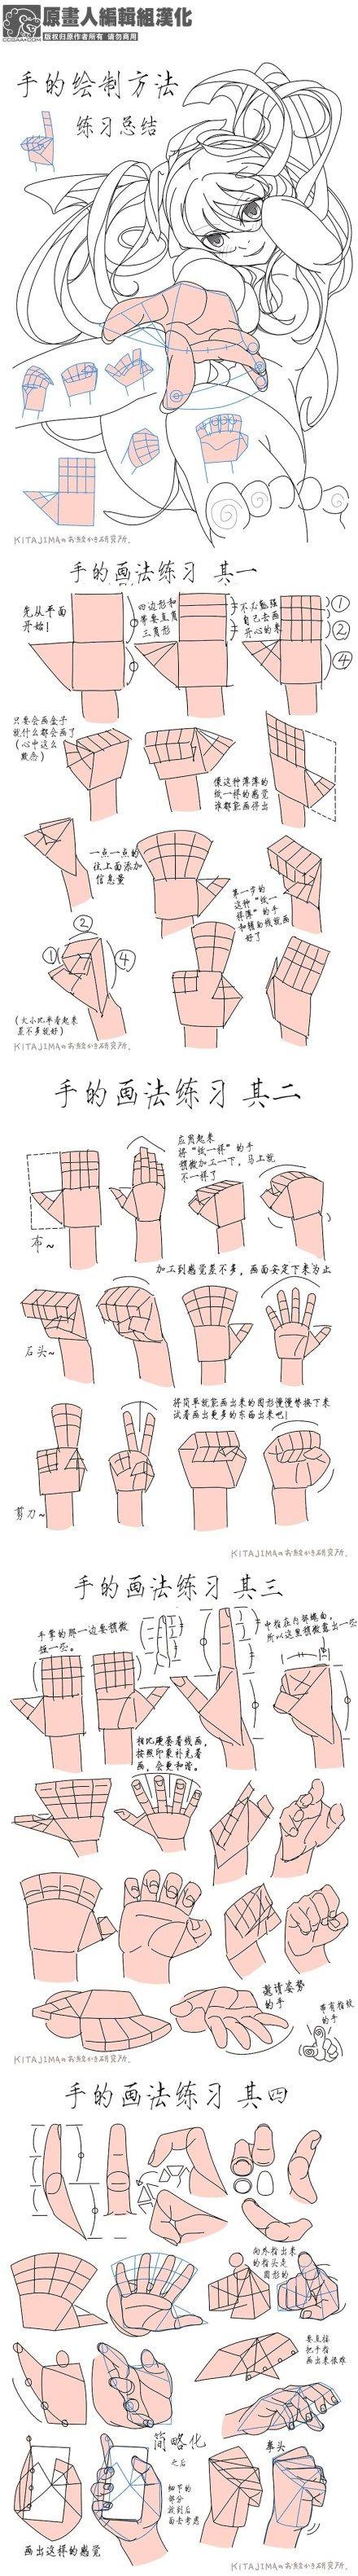 Как рисовать руки.